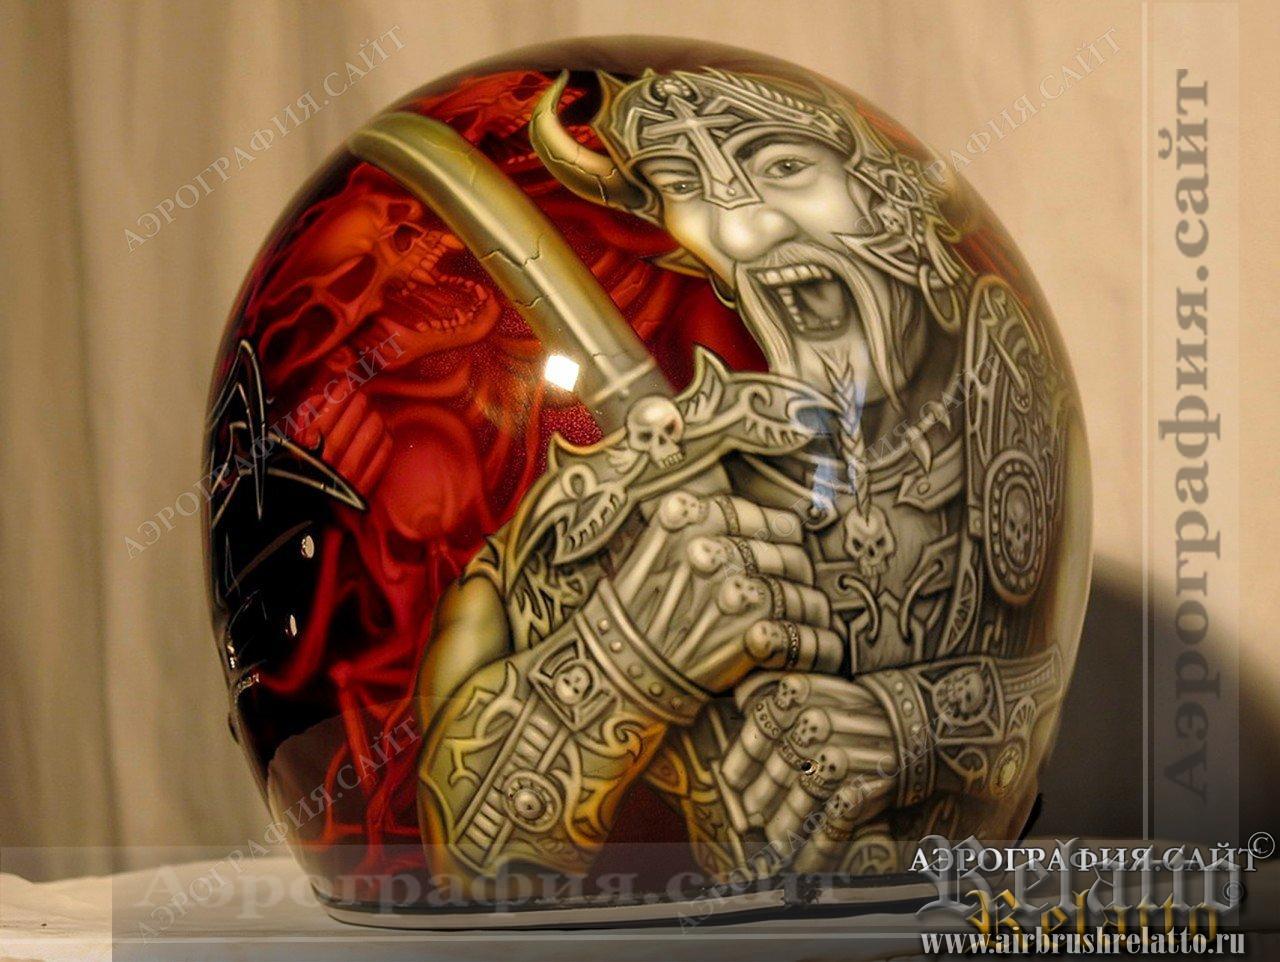 Высокий уровень сложности аэрографии на шлеме 25 000 руб.